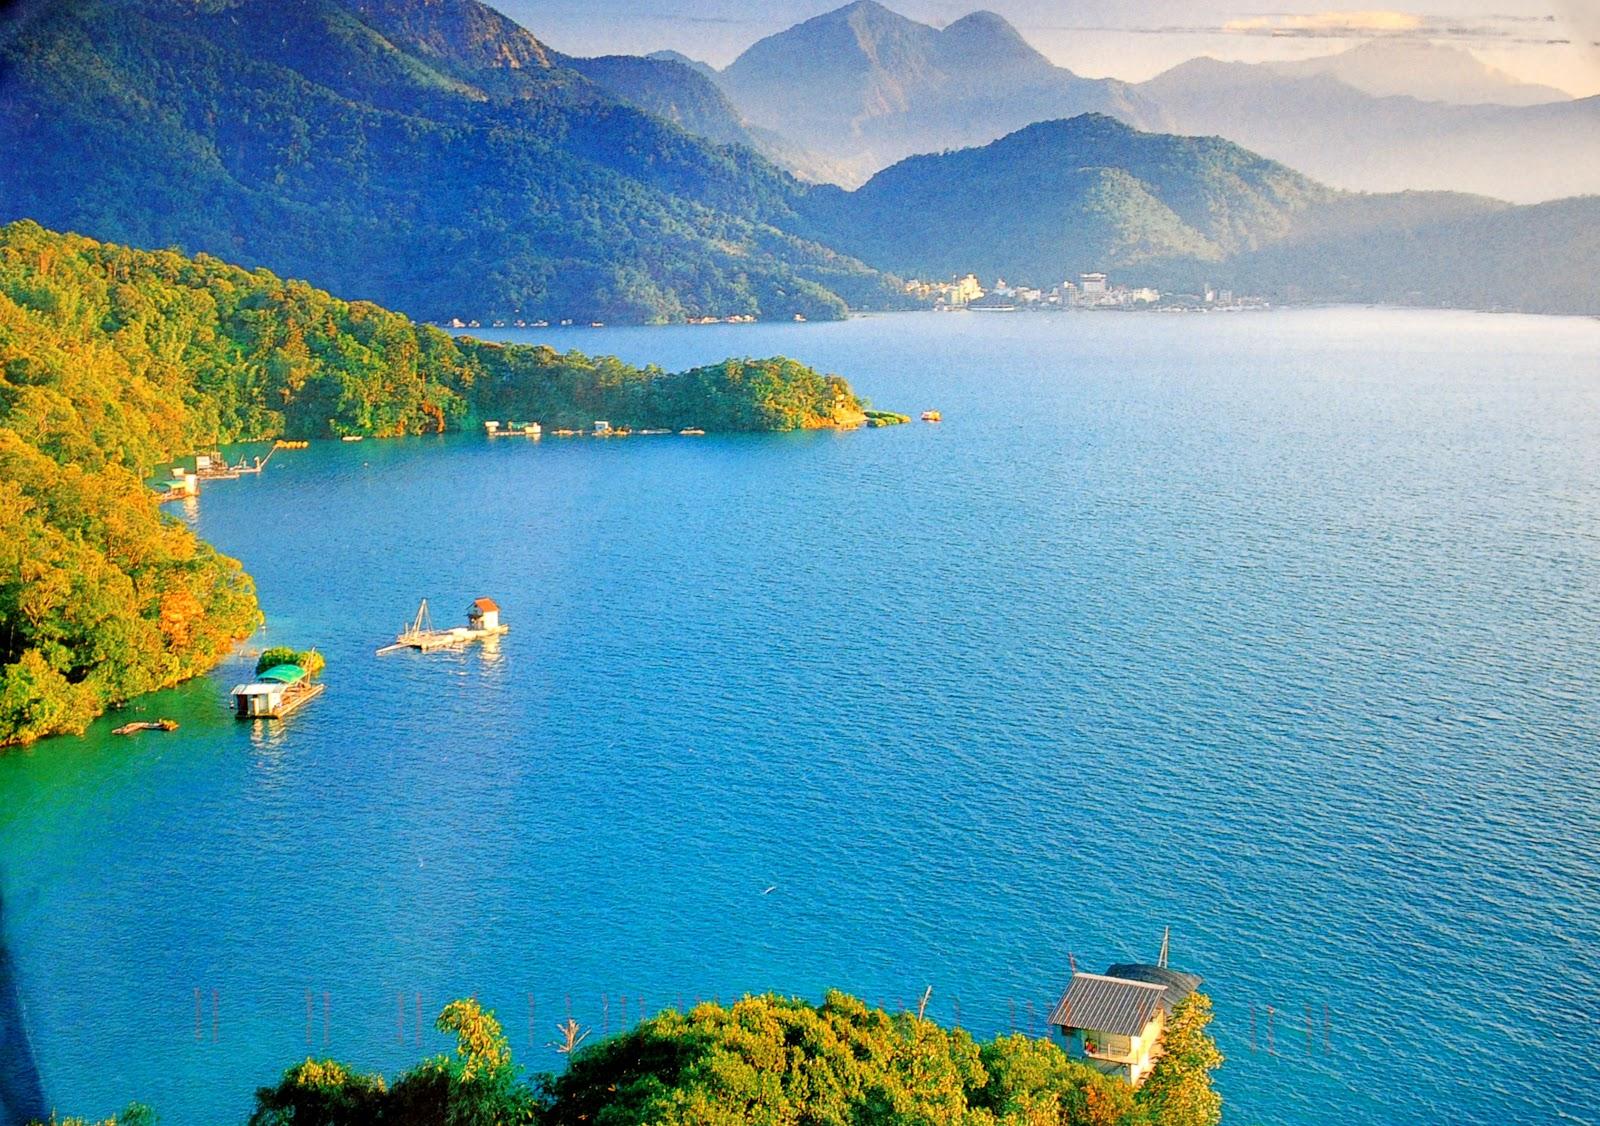 Jezioro słońca i księzyca w Tajwanie